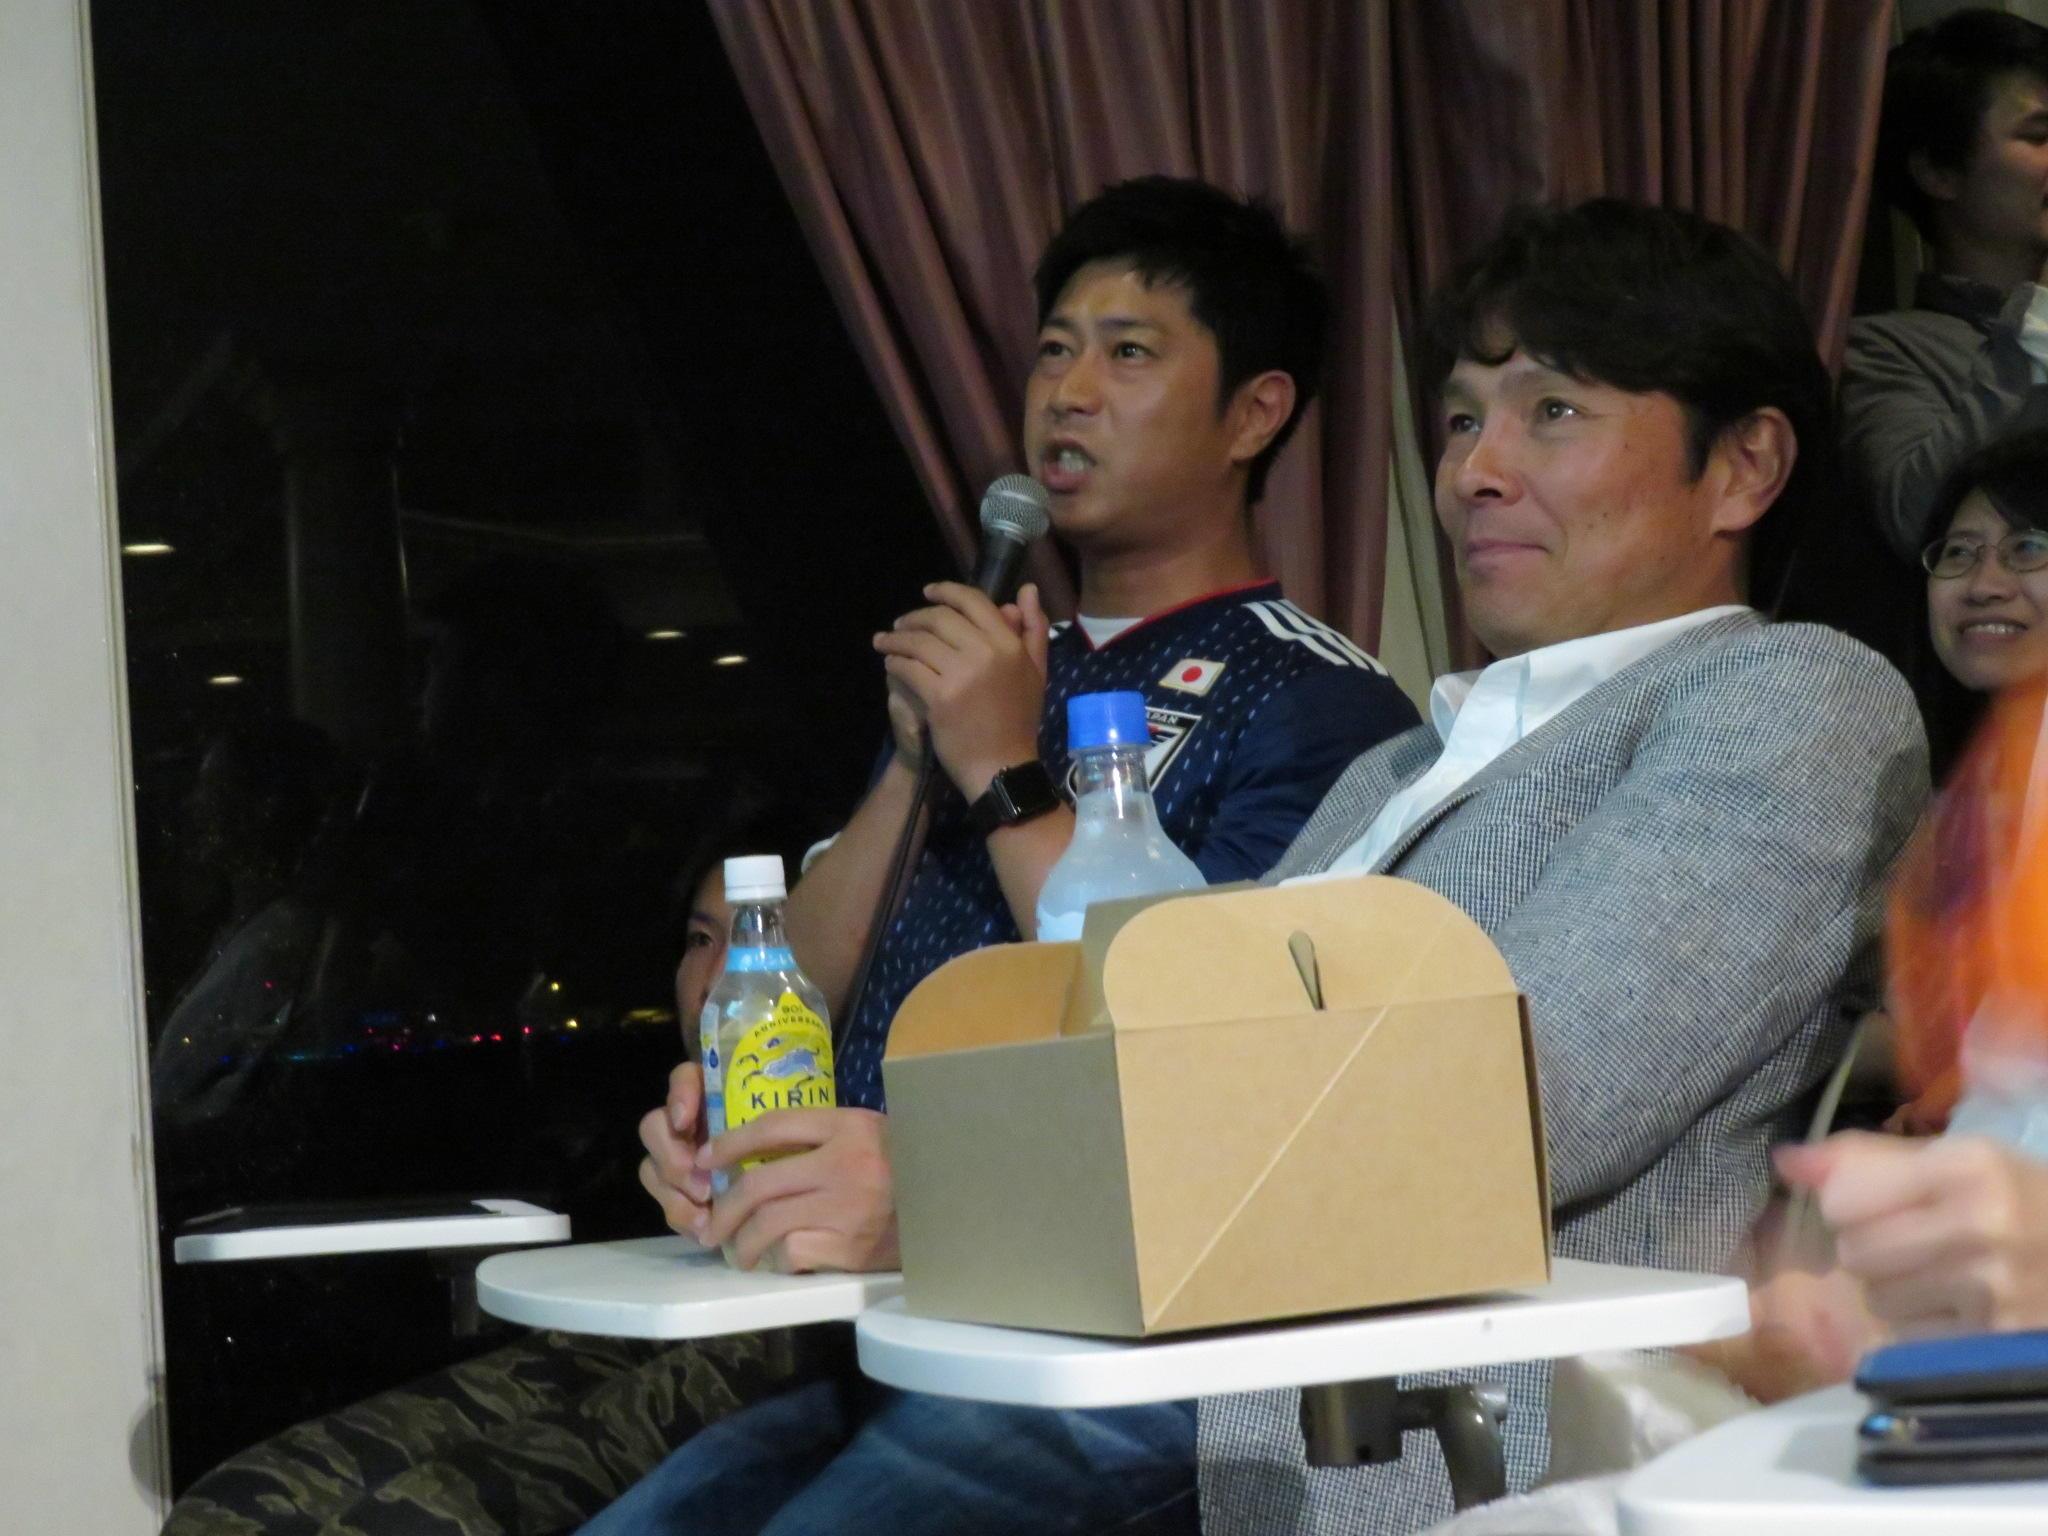 http://news.yoshimoto.co.jp/20180531141849-0e86787b3dd4555b1e8095a4a567a1b59d3112ff.jpg